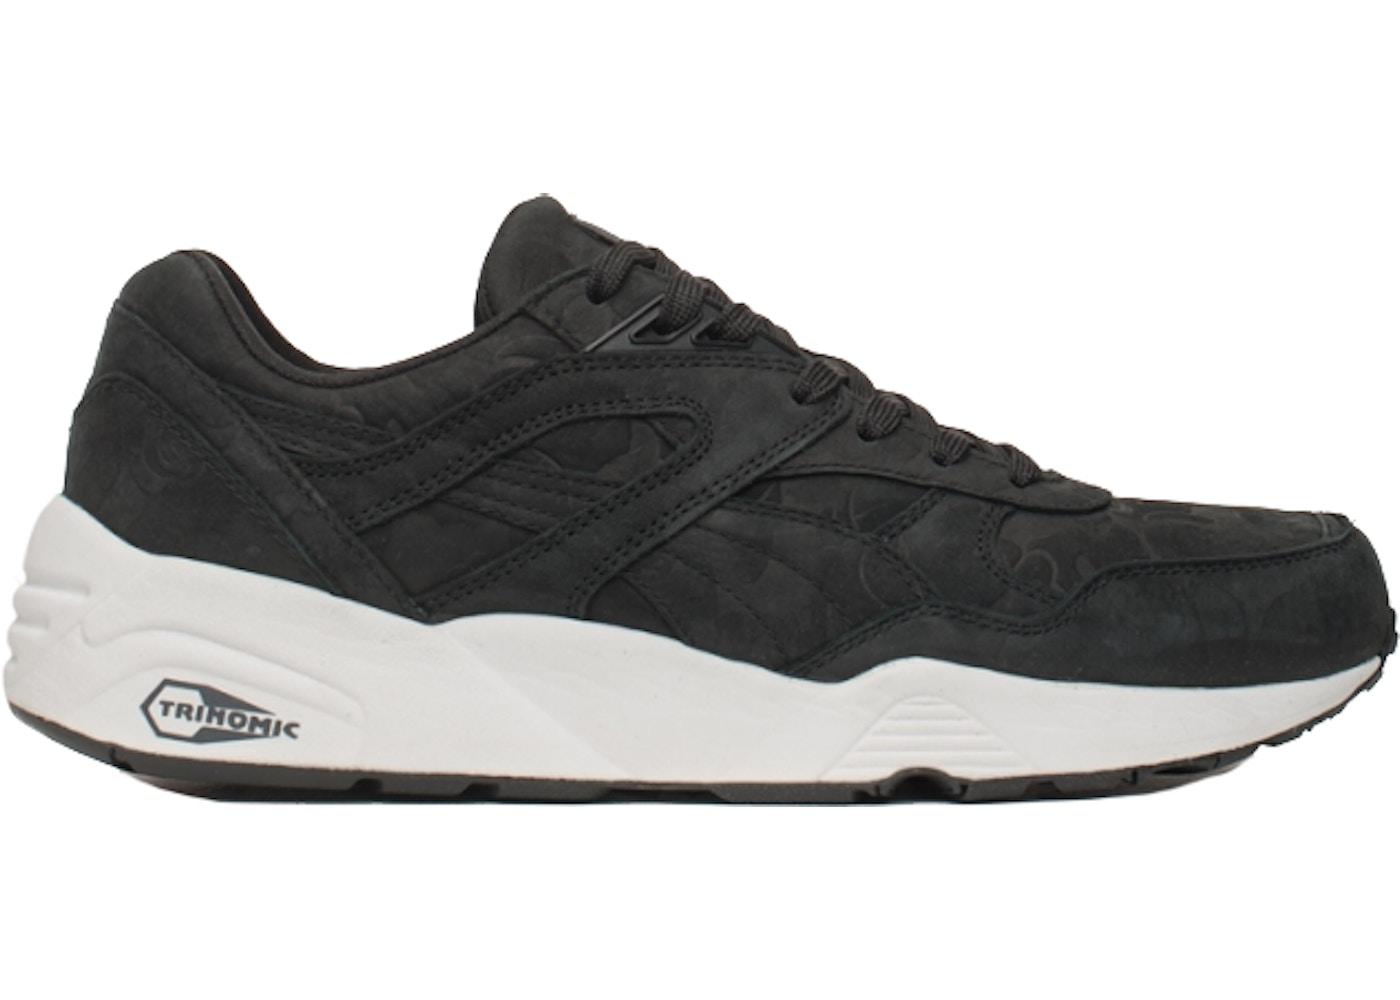 wholesale dealer 03749 92bc7 Puma Size 9 Shoes - Highest Bid